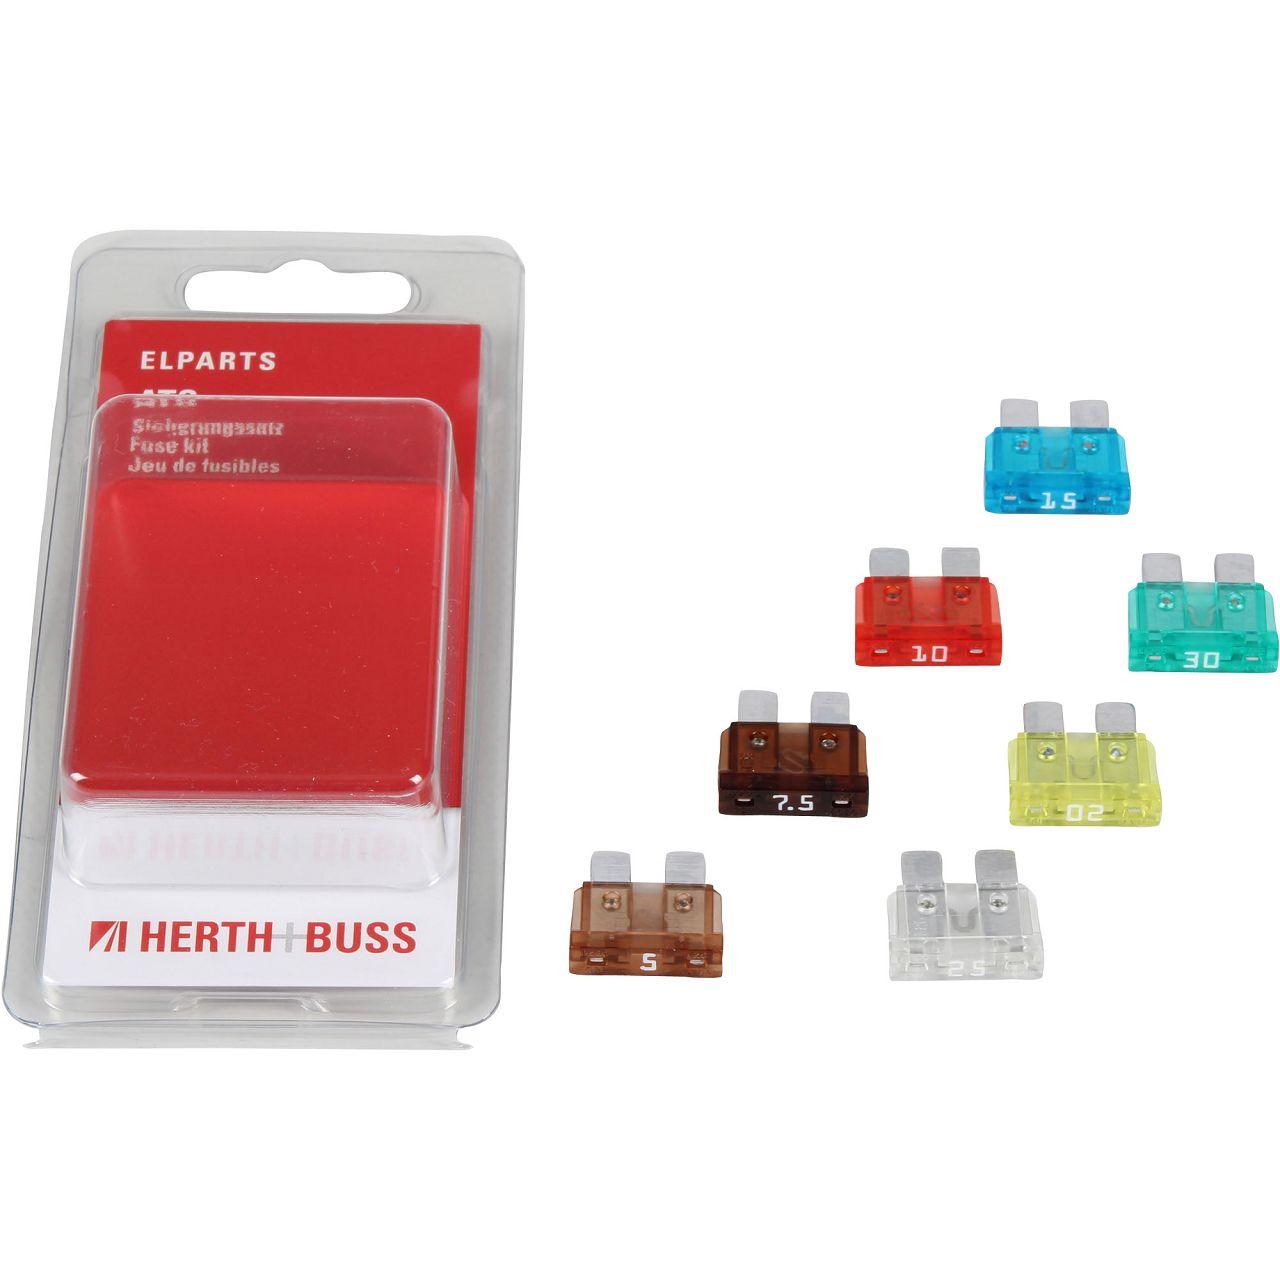 7x HERTH+BUSS ELPARTS Sicherung STANDARD-Flachstecksicherung 5A - 30A